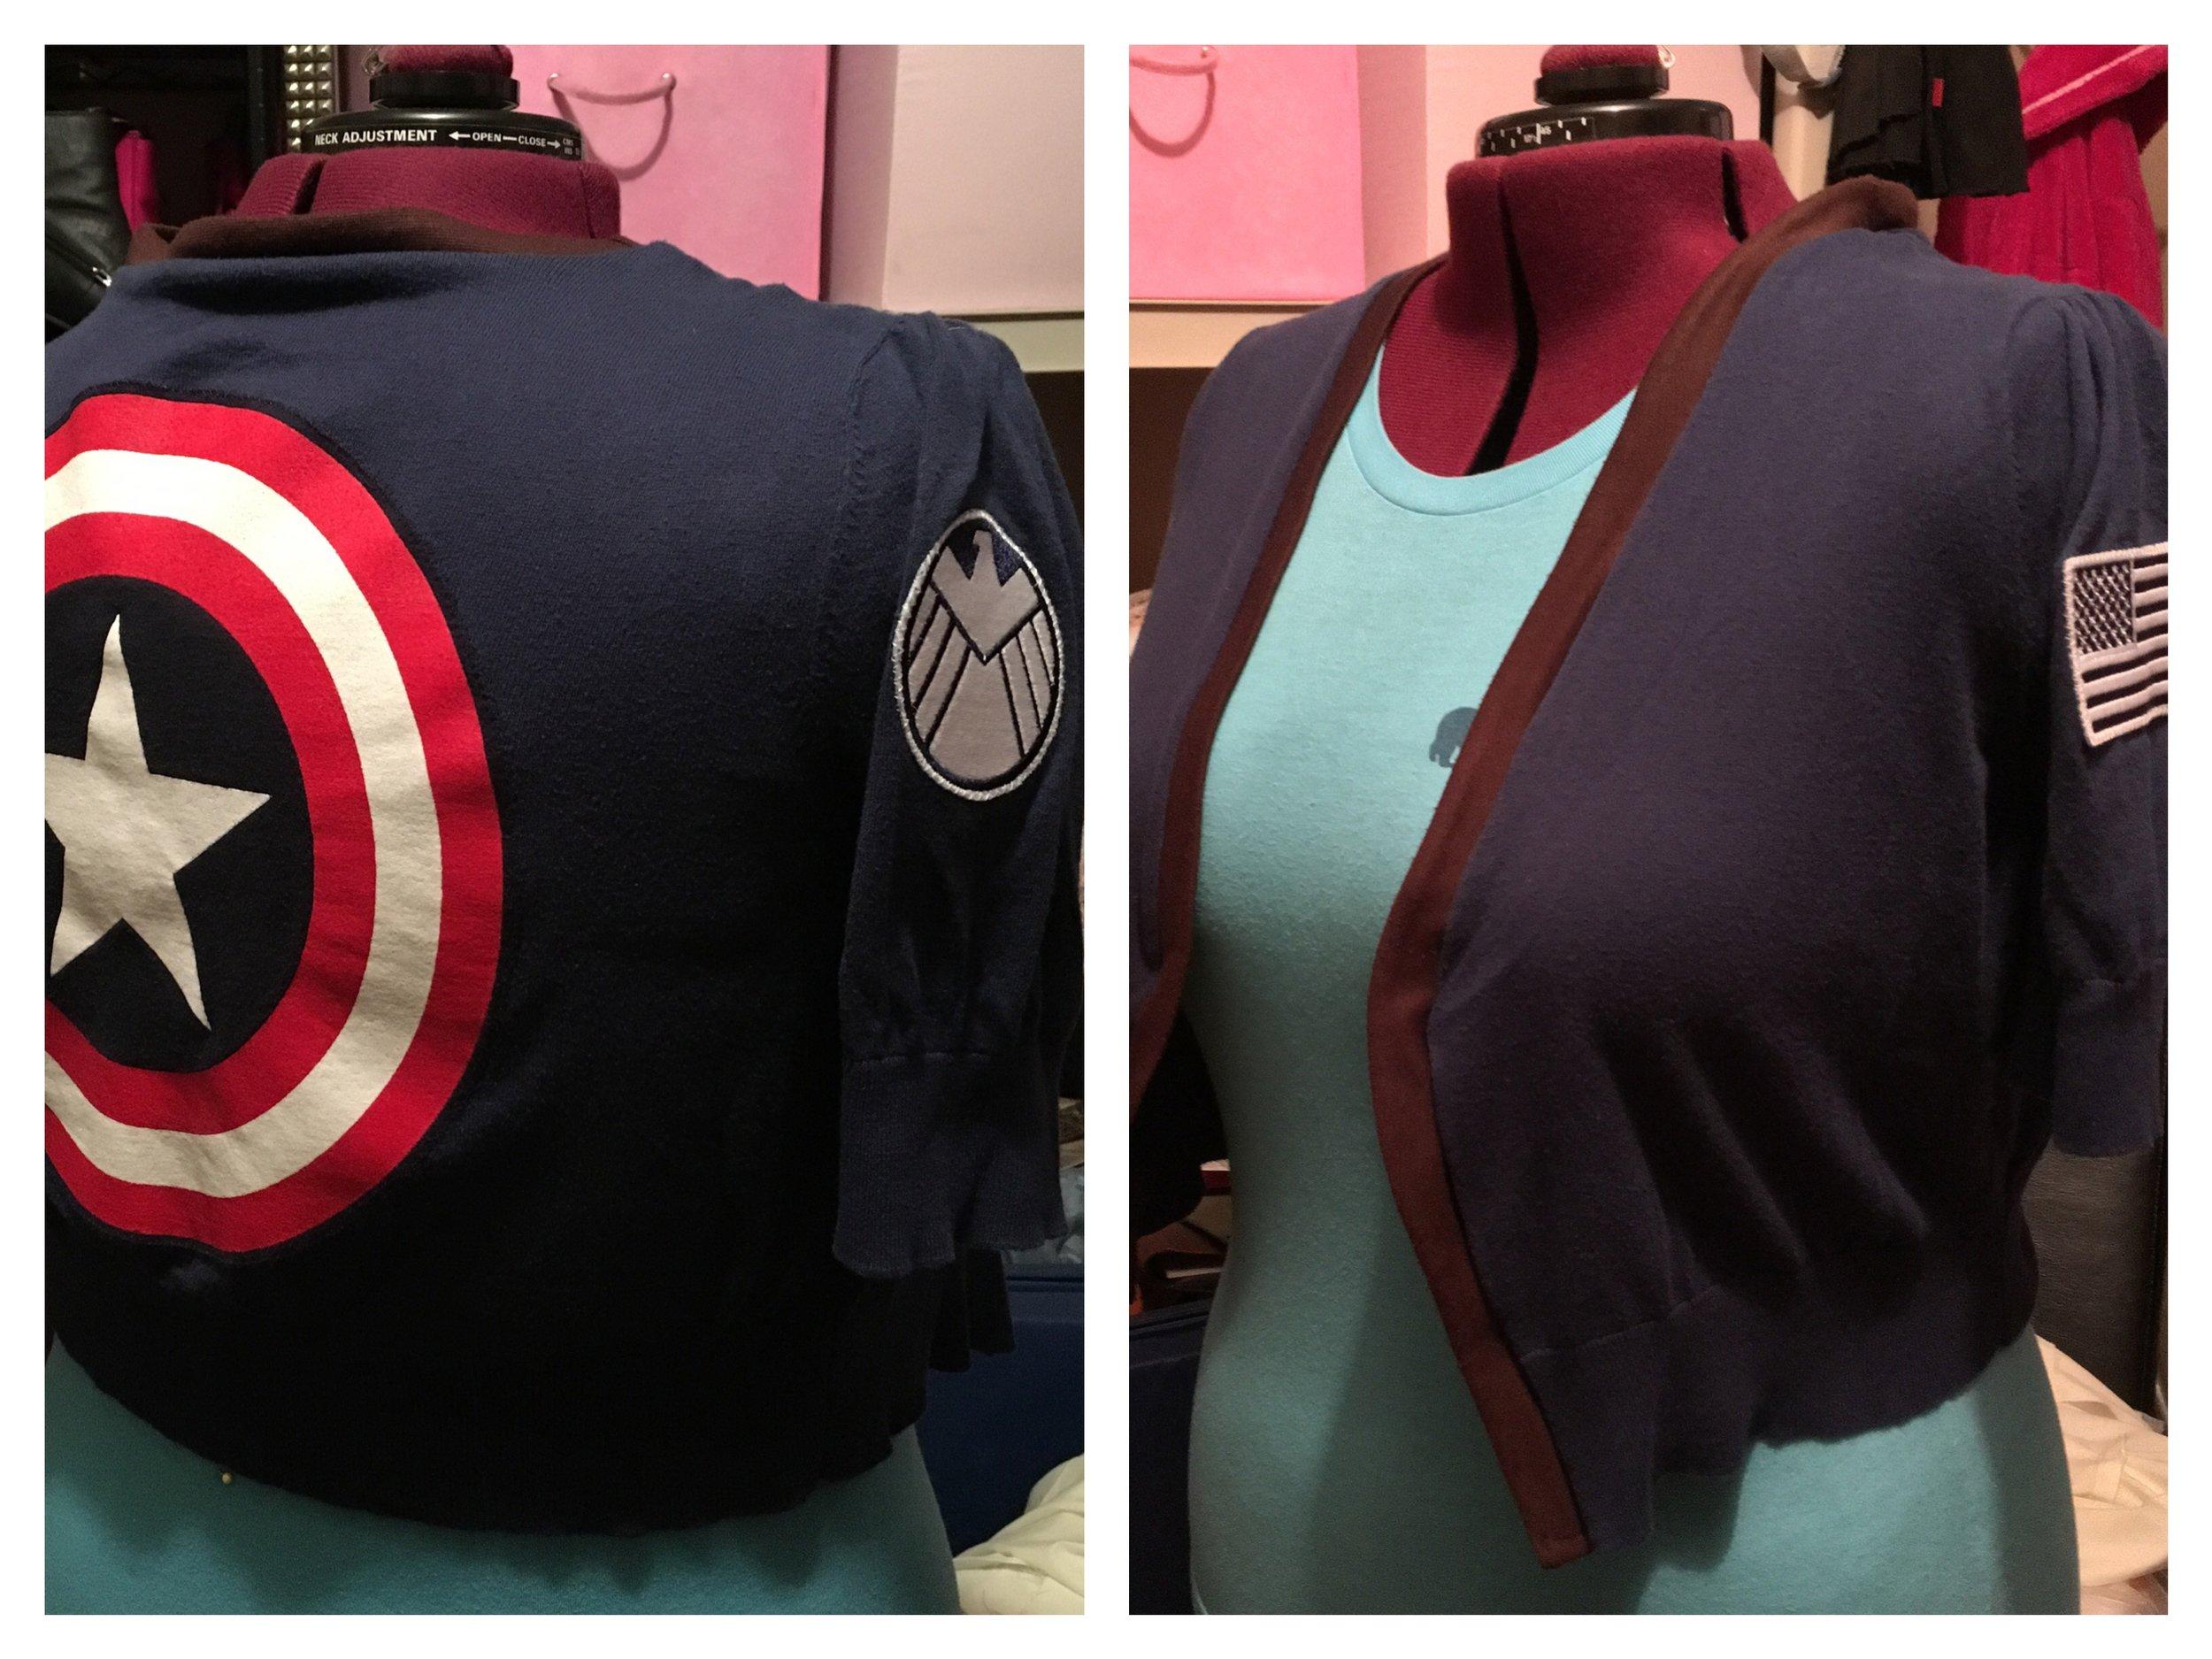 Captain America cardigan